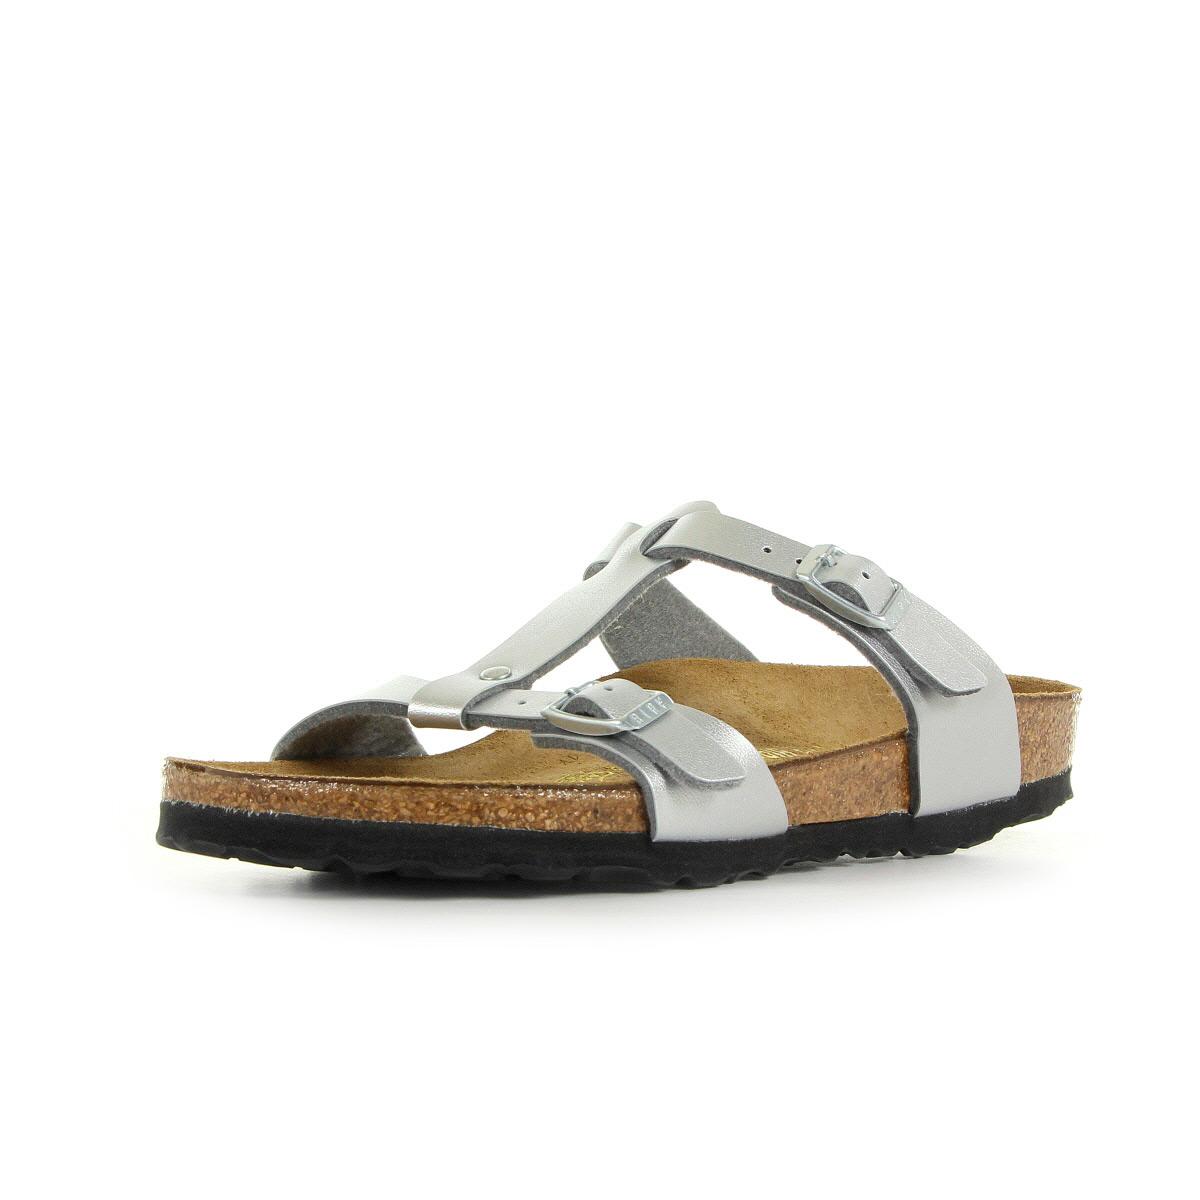 d93d99a6ba6ee5 Birkenstock Madrid Soft Footbed Women Mens Sandals Size 9